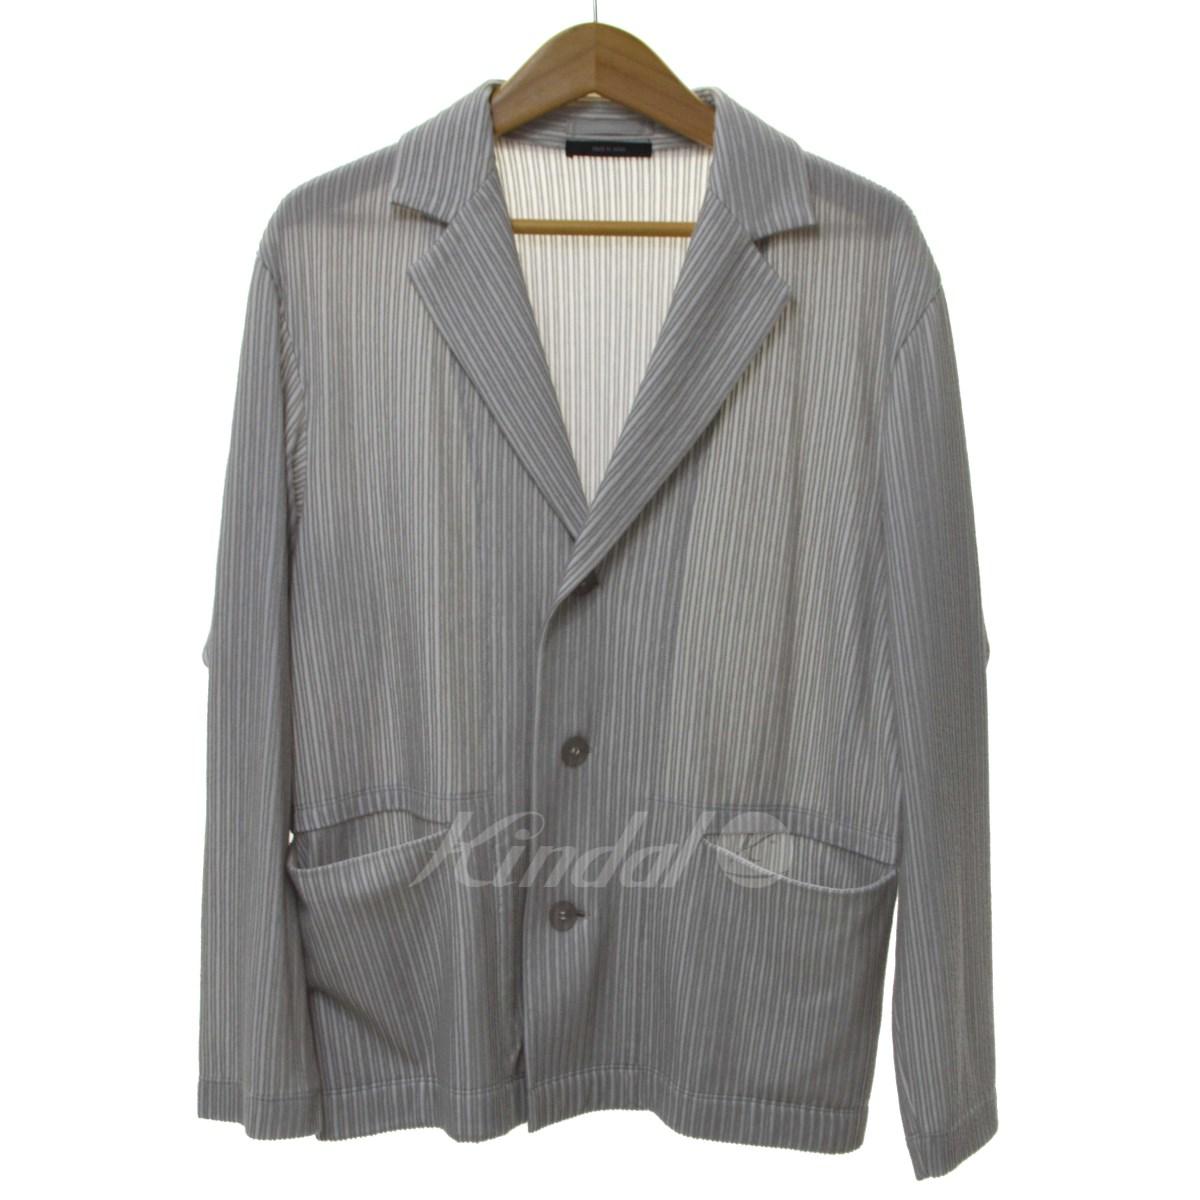 【中古】ISSEY MIYAKE MEN 18SS プリーツジャケット グレー サイズ:1 【送料無料】 【010319】(イッセイミヤケ)